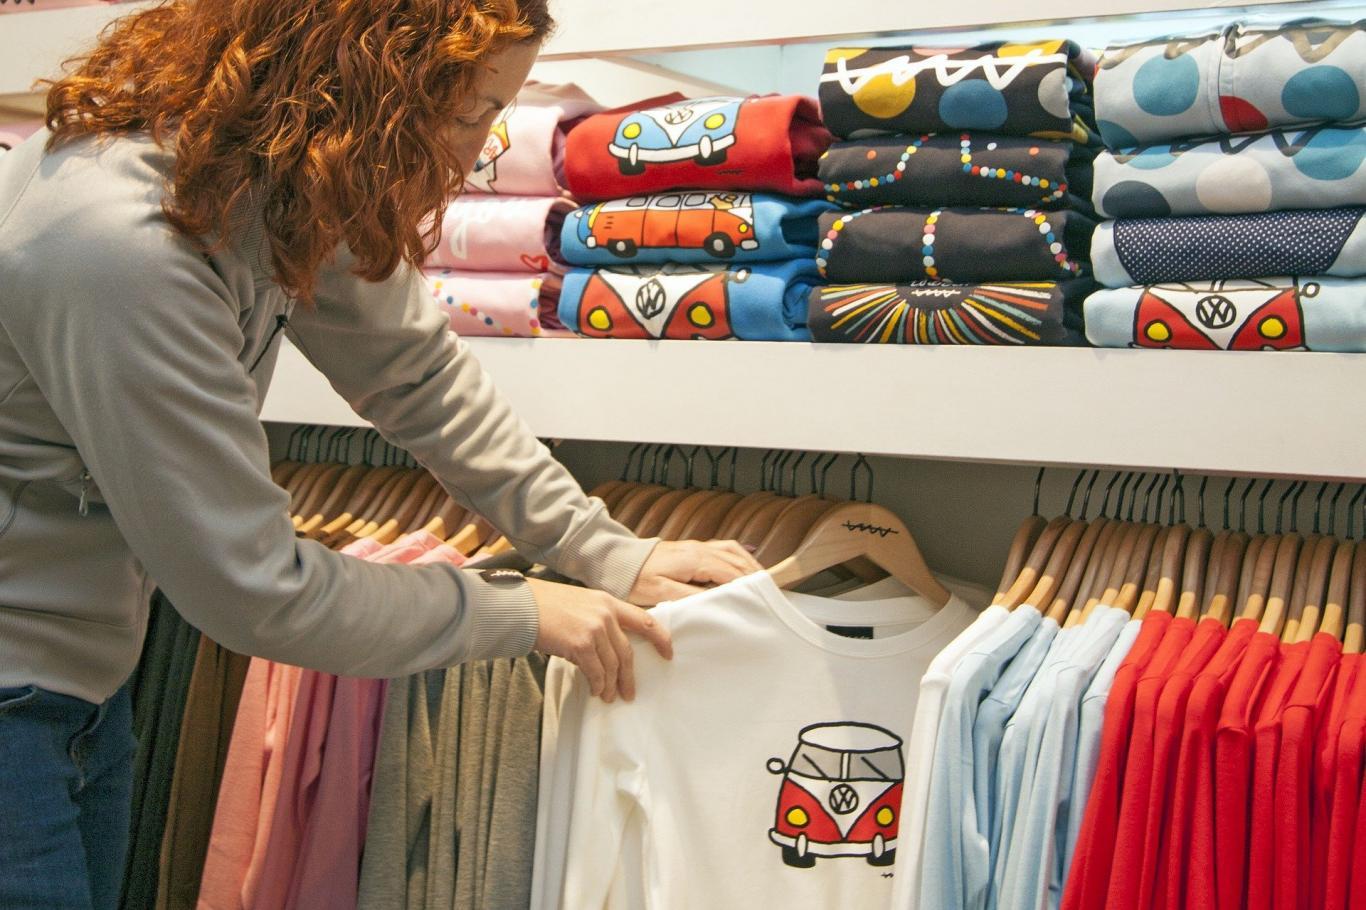 Mujer colocando ropa